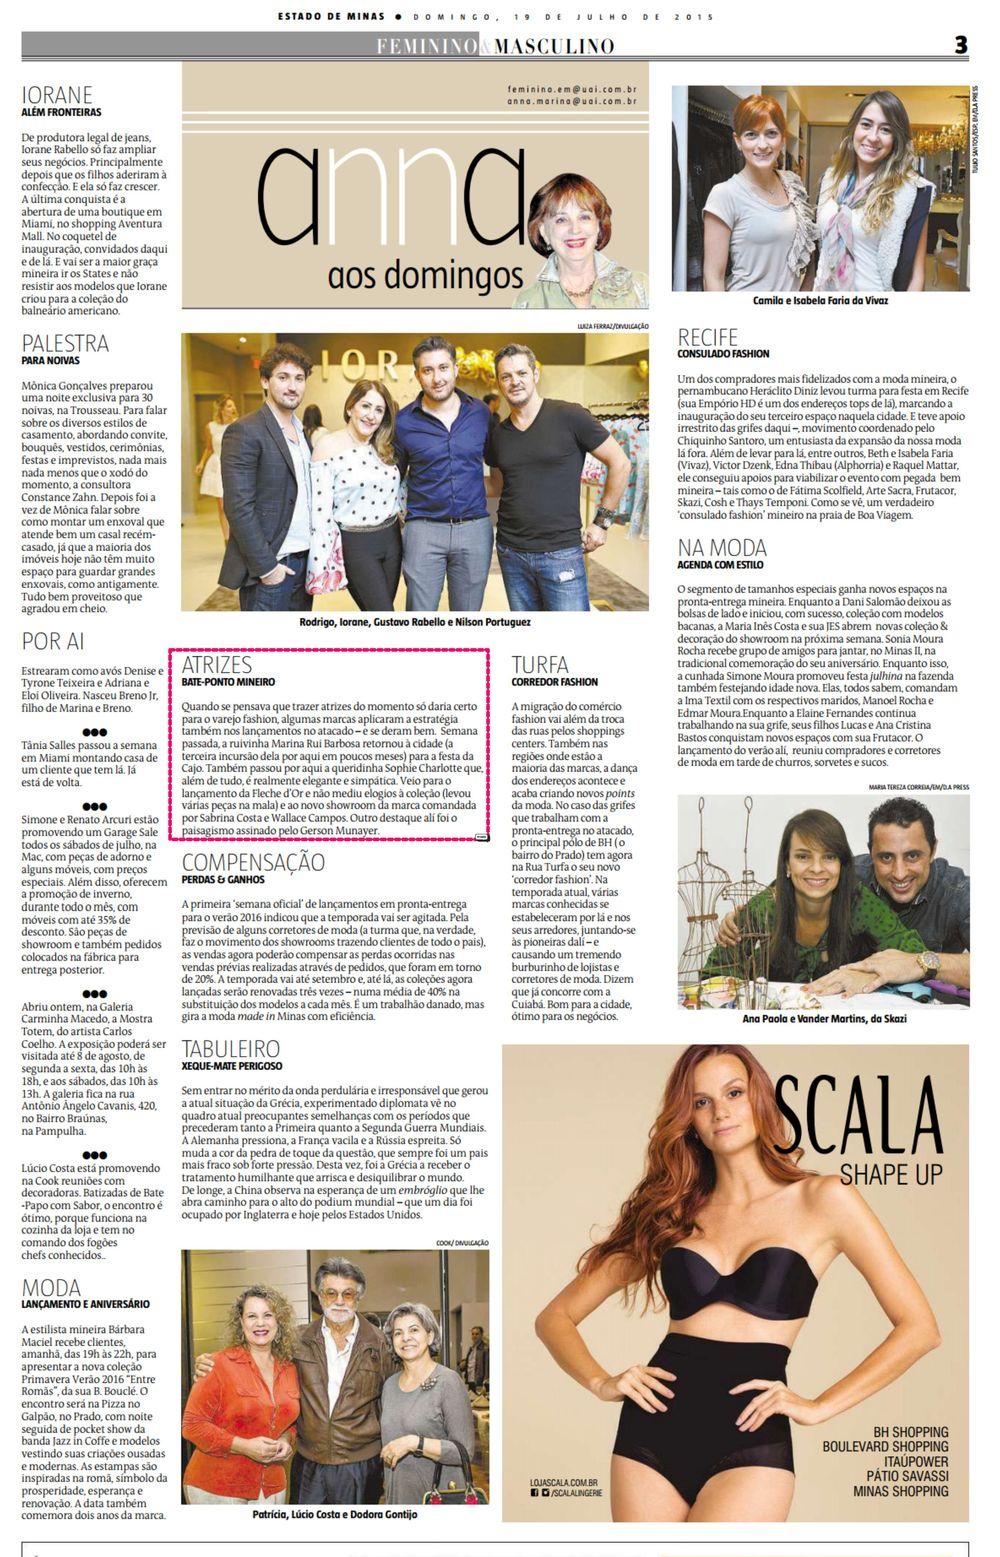 Cajo - Jornal Estado de Minas - 19-07-2015.jpg